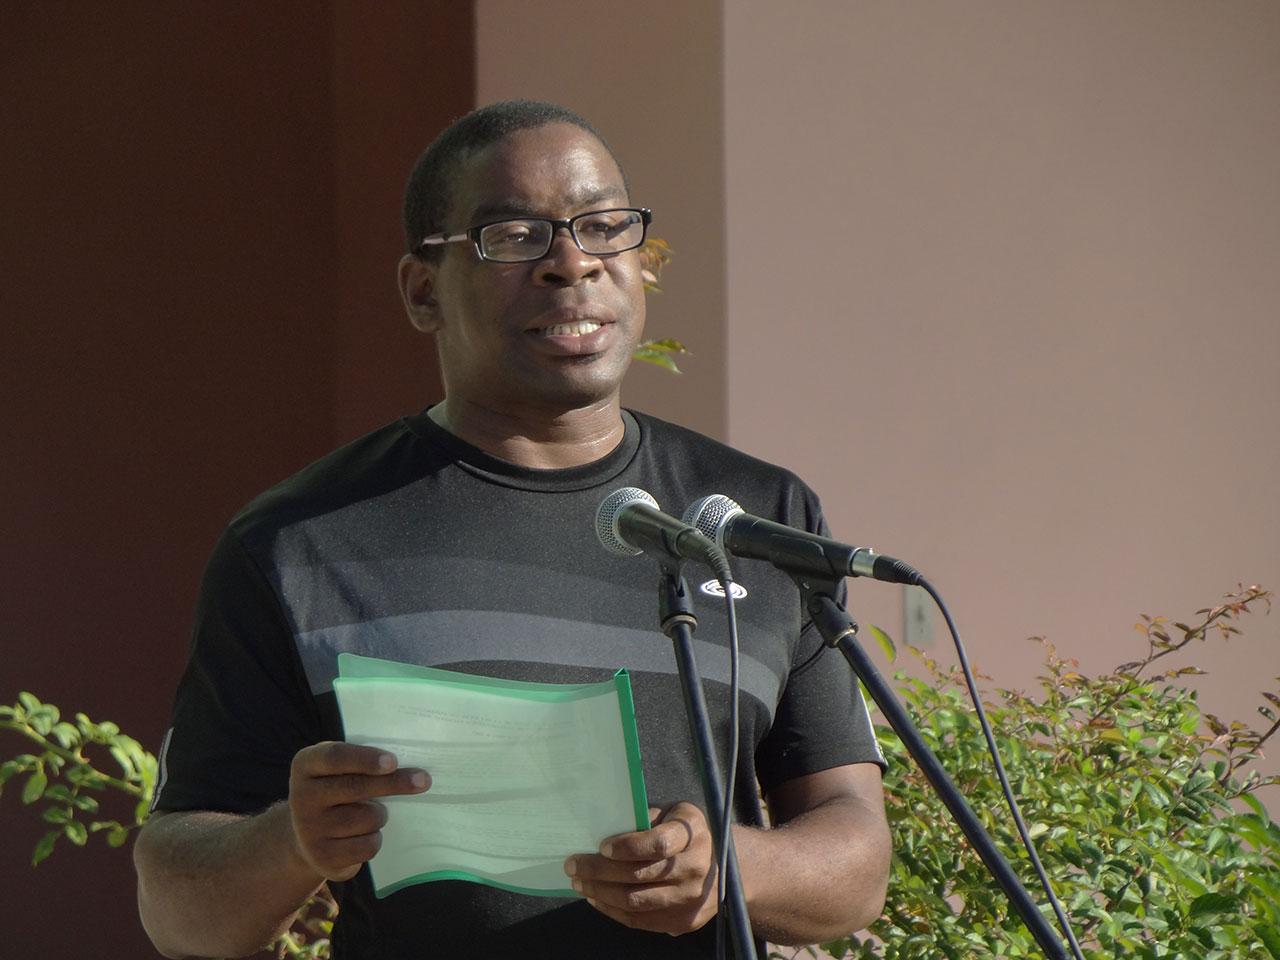 El MsC. Silvano Merced, vicerrector de Extensión Universitaria y Residencia, pronunció las palabras de clausura.